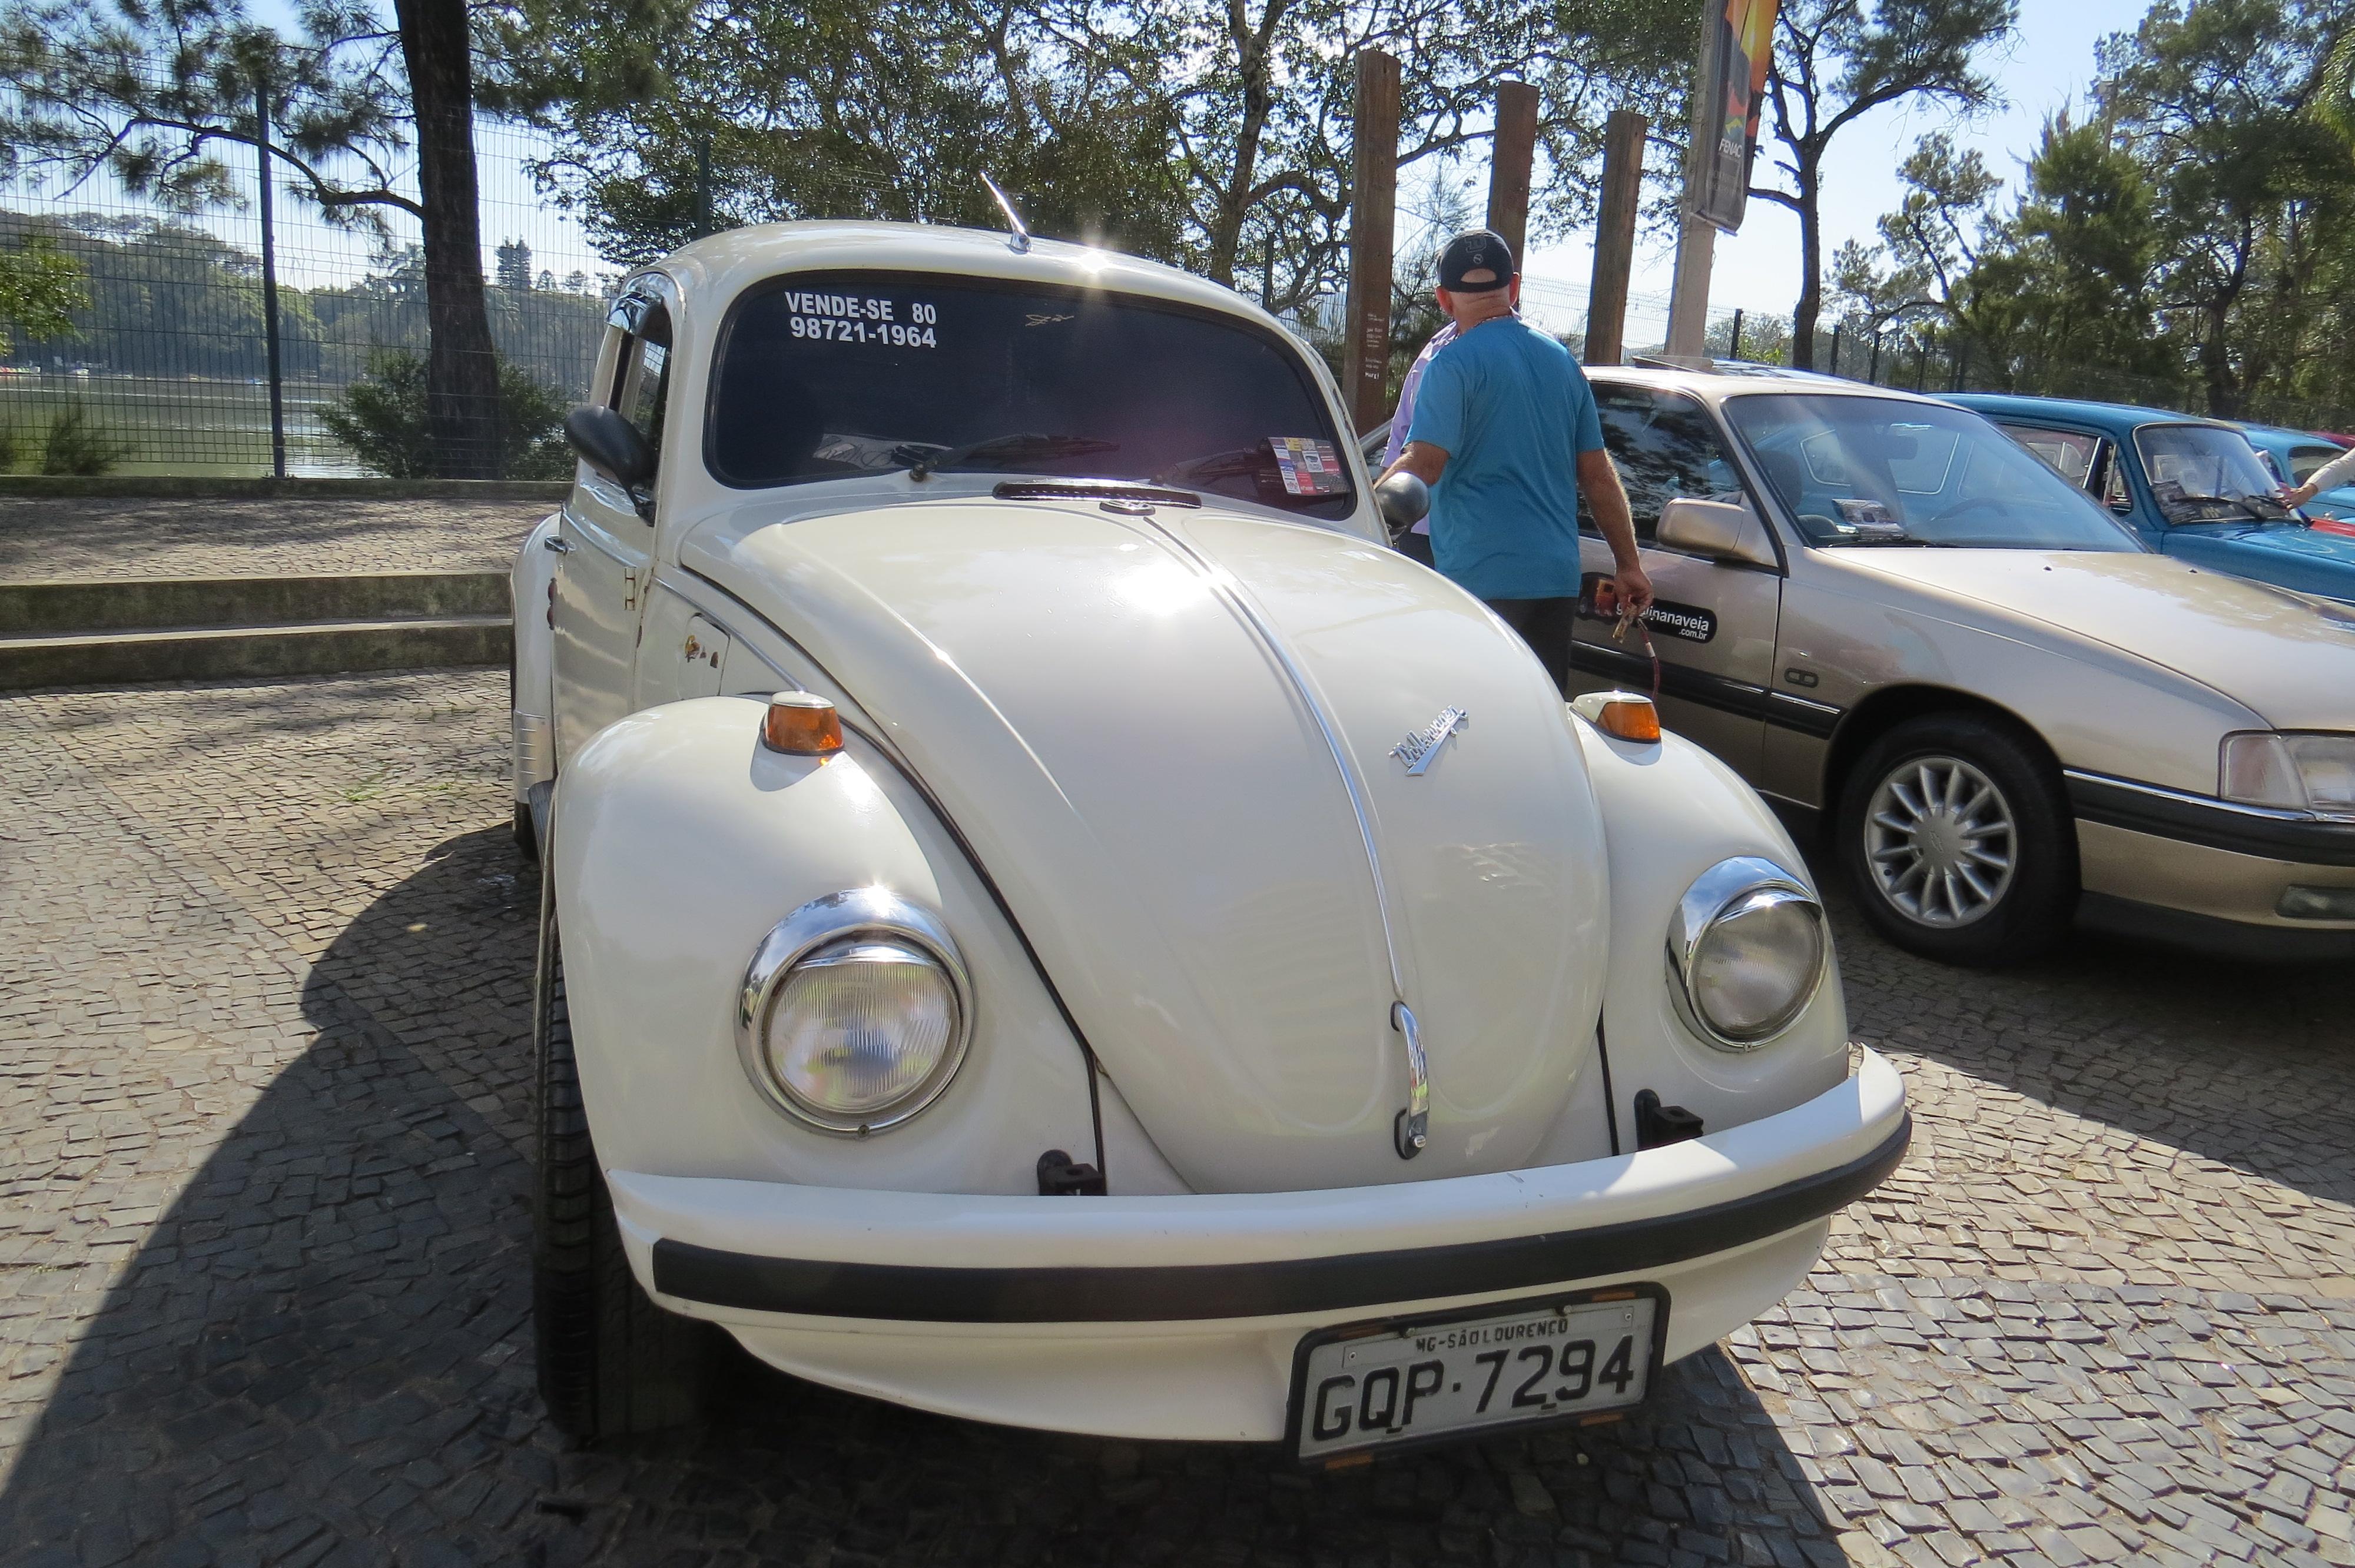 IMG 5000 - II VINTAGE CAR SÃO LOURENÇO